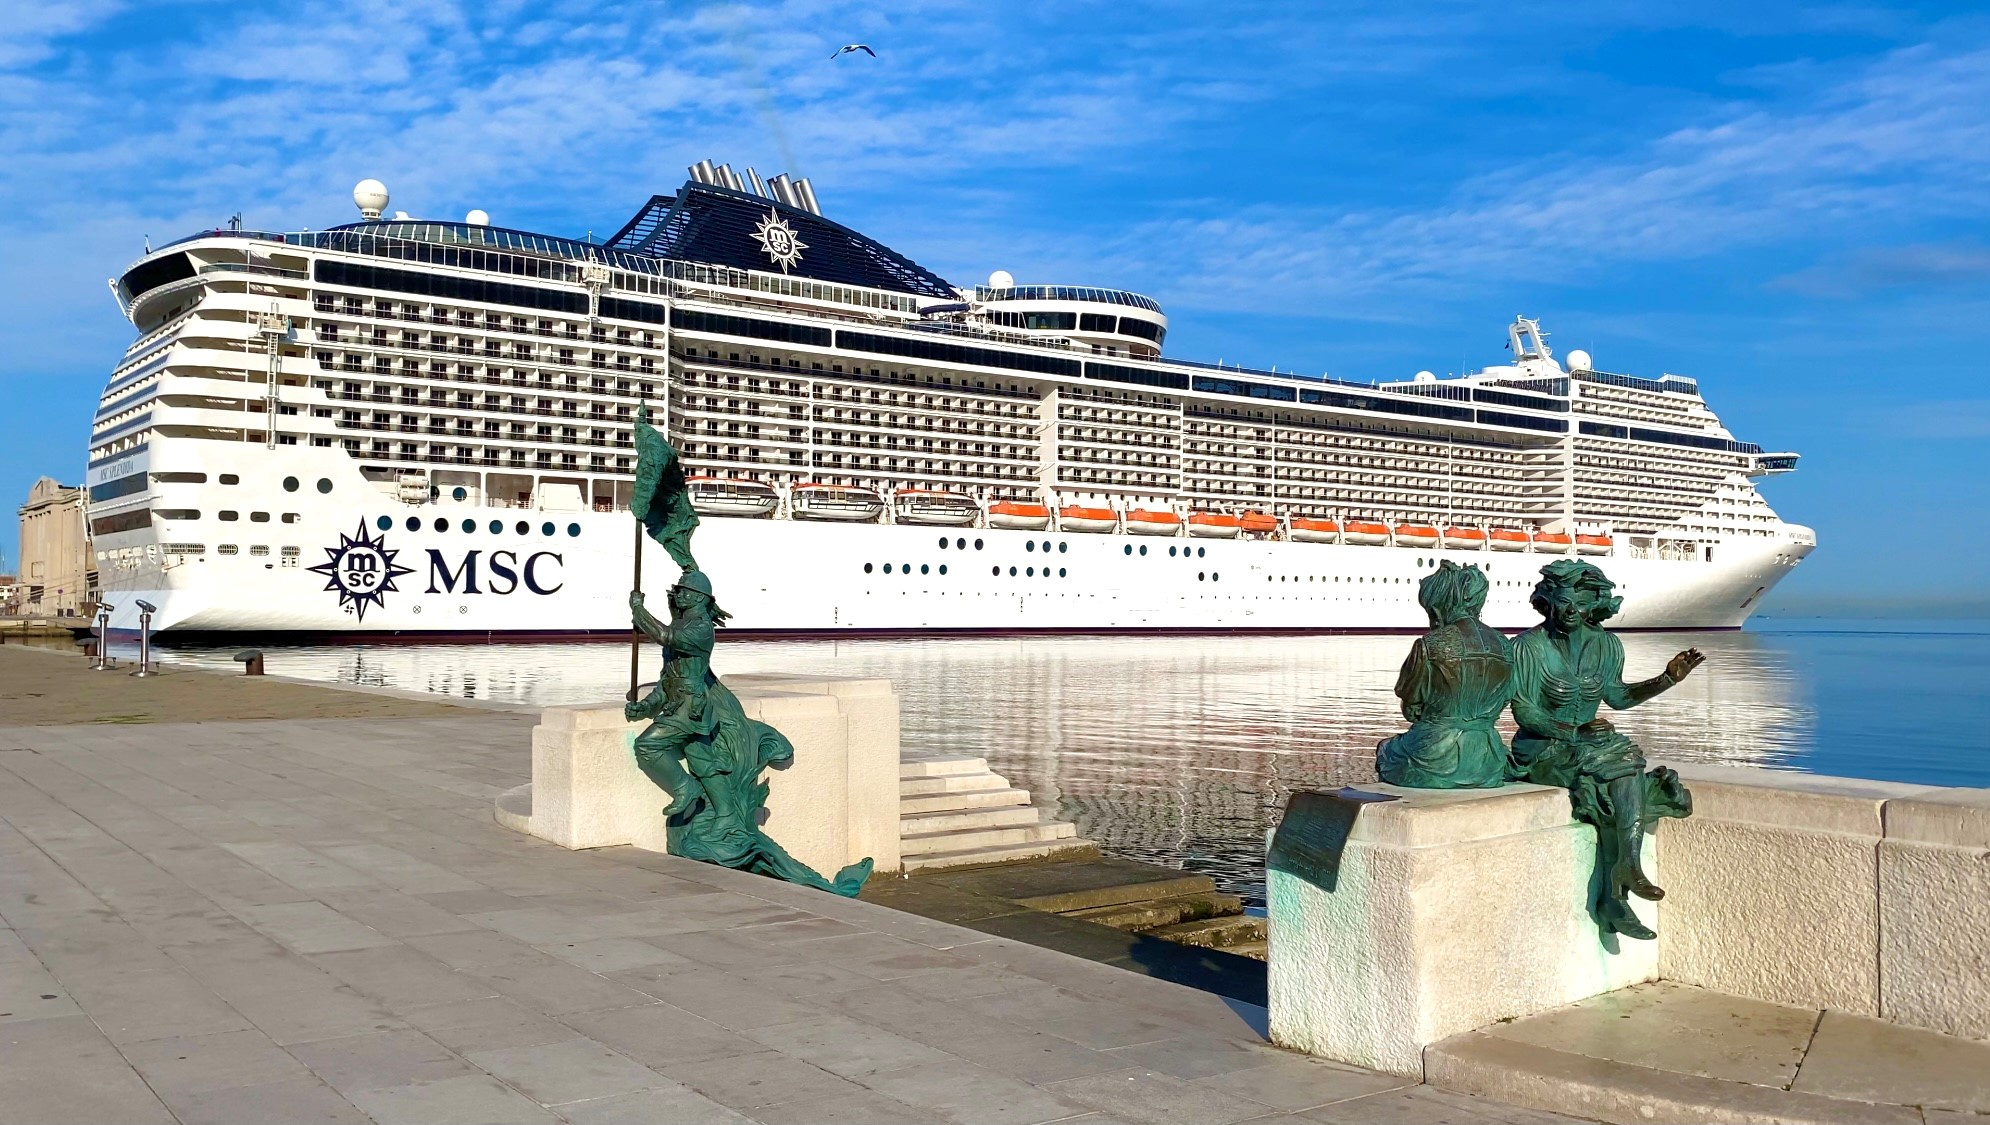 MSC-Splendida-restarts-in-the-Med-homeporting-in-Trieste_credit-Victoria-Balabaeva